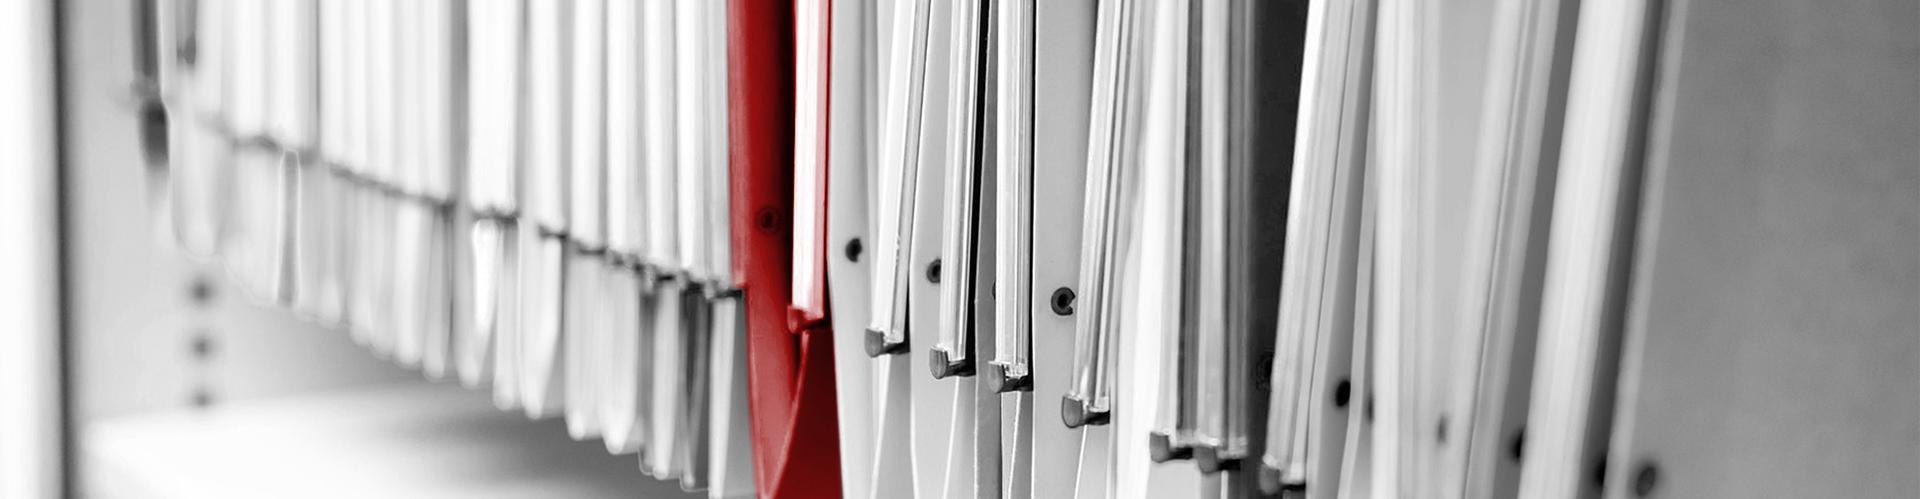 Rechts-Blog über Gerichtsurteile Und Rechtsfälle